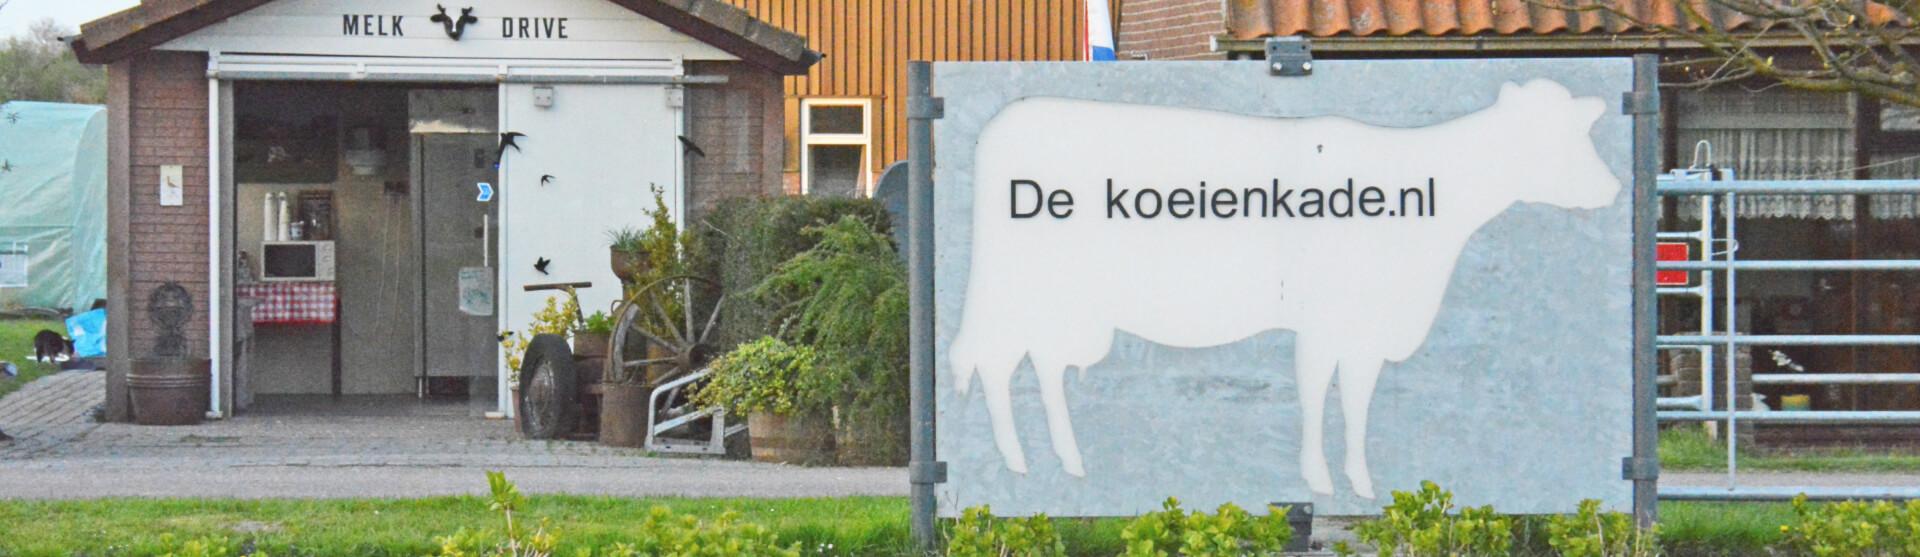 koeienkade-banner-melkdrive